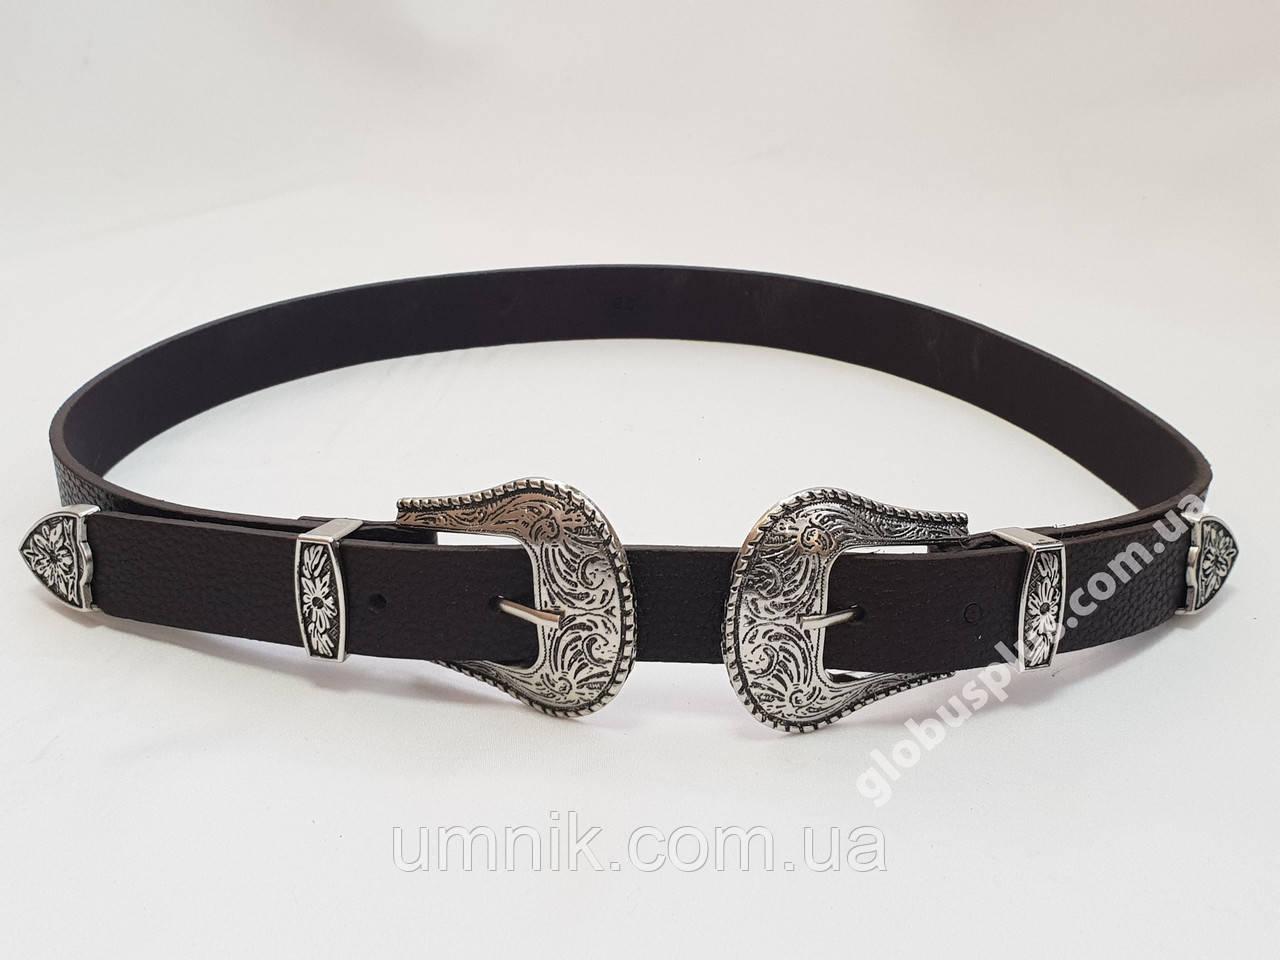 Ремень женский кожаный с двумя пряжками, ширина 25 мм., 930702